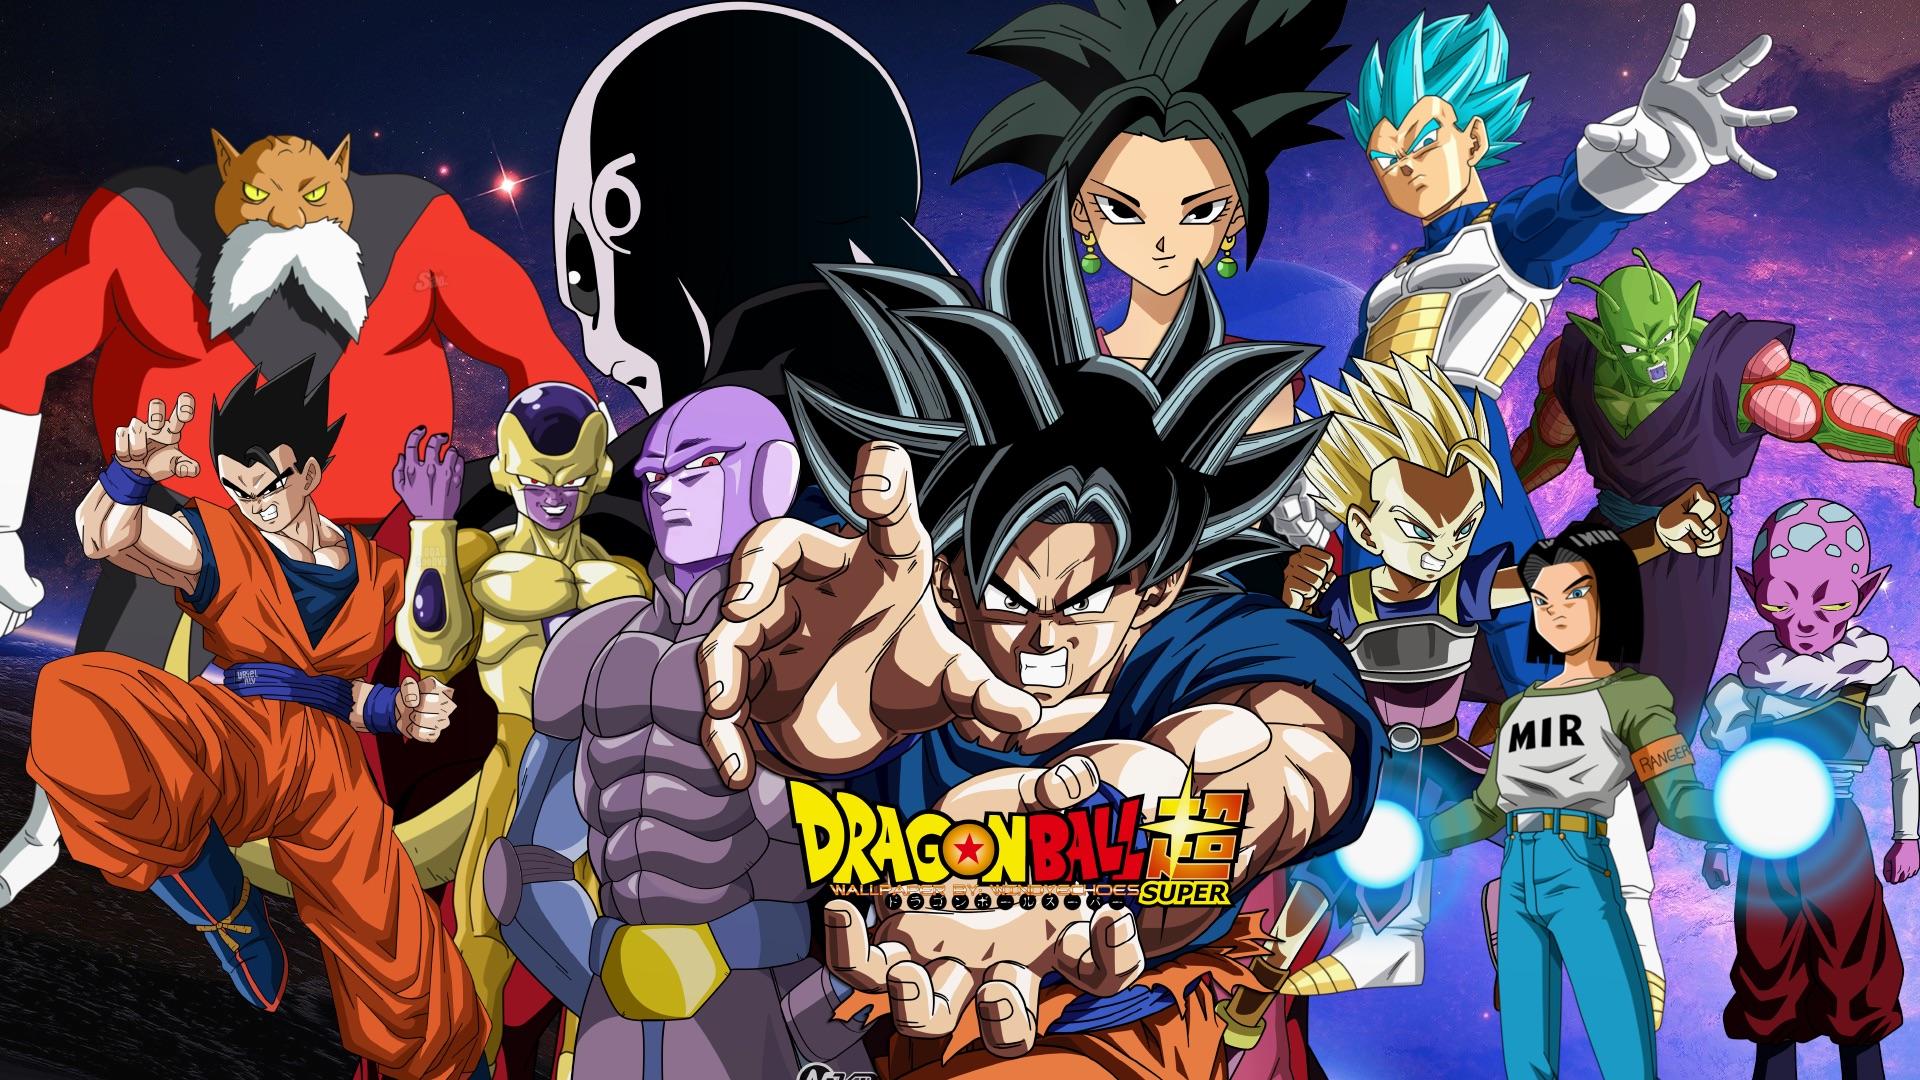 """Comprarà TV3 """"Dragon Ball Super"""" i s'emetrà finalment en català al Canal Super 3?"""